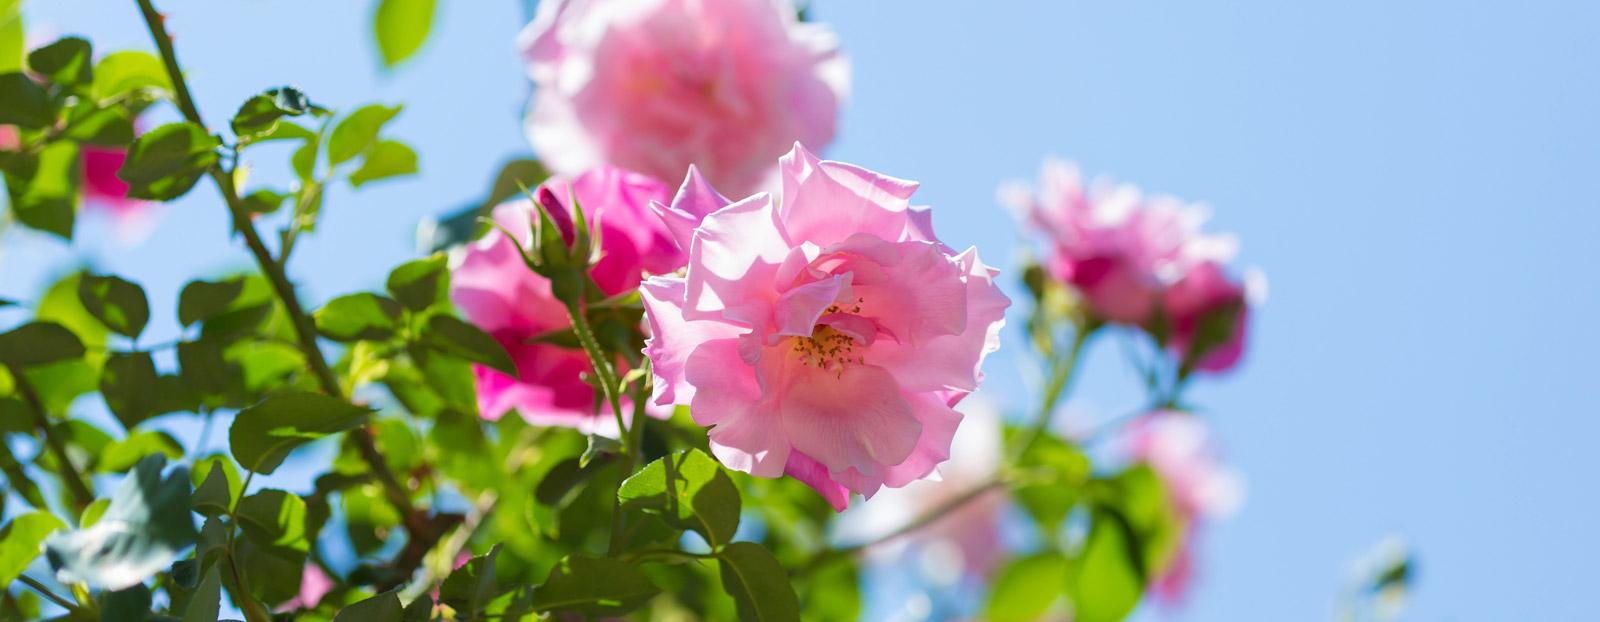 在自然栖息地生长着的玫瑰